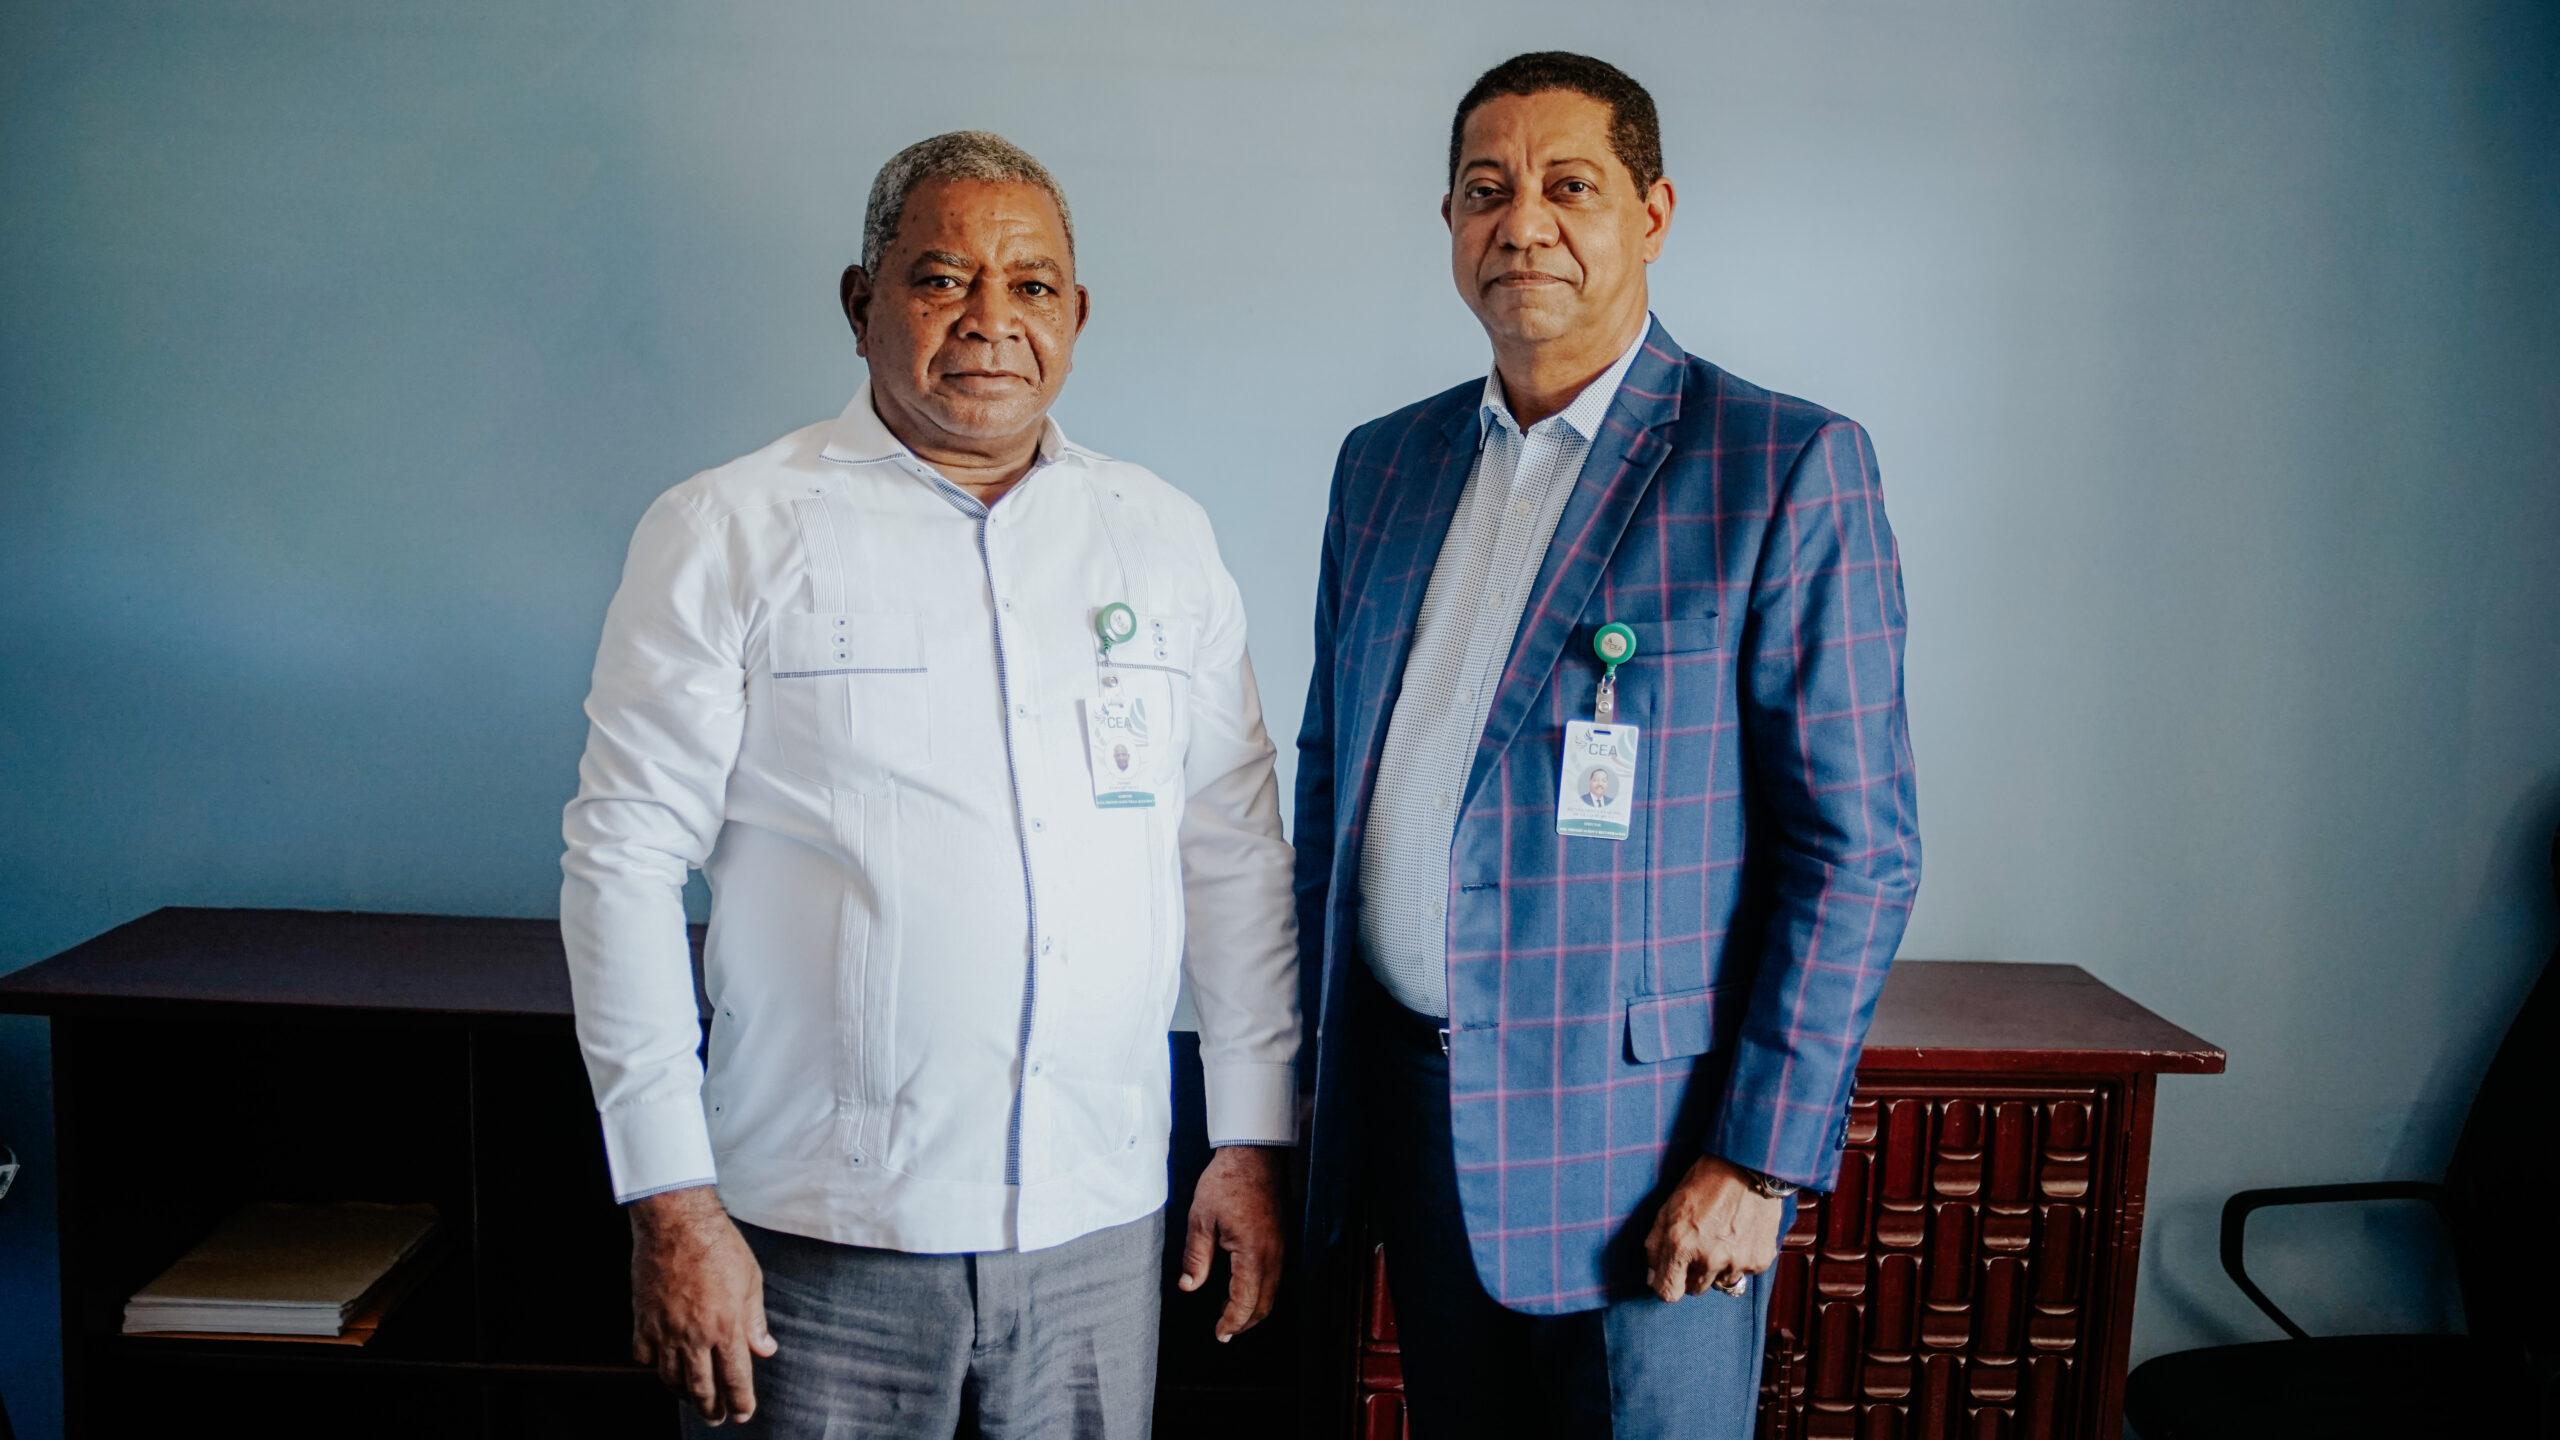 Pie de foto: Bienvenido de Oleo, director general de Preservación y Recuperación acompañado del gerente de Villa Altagracia, Pedro Mejía.